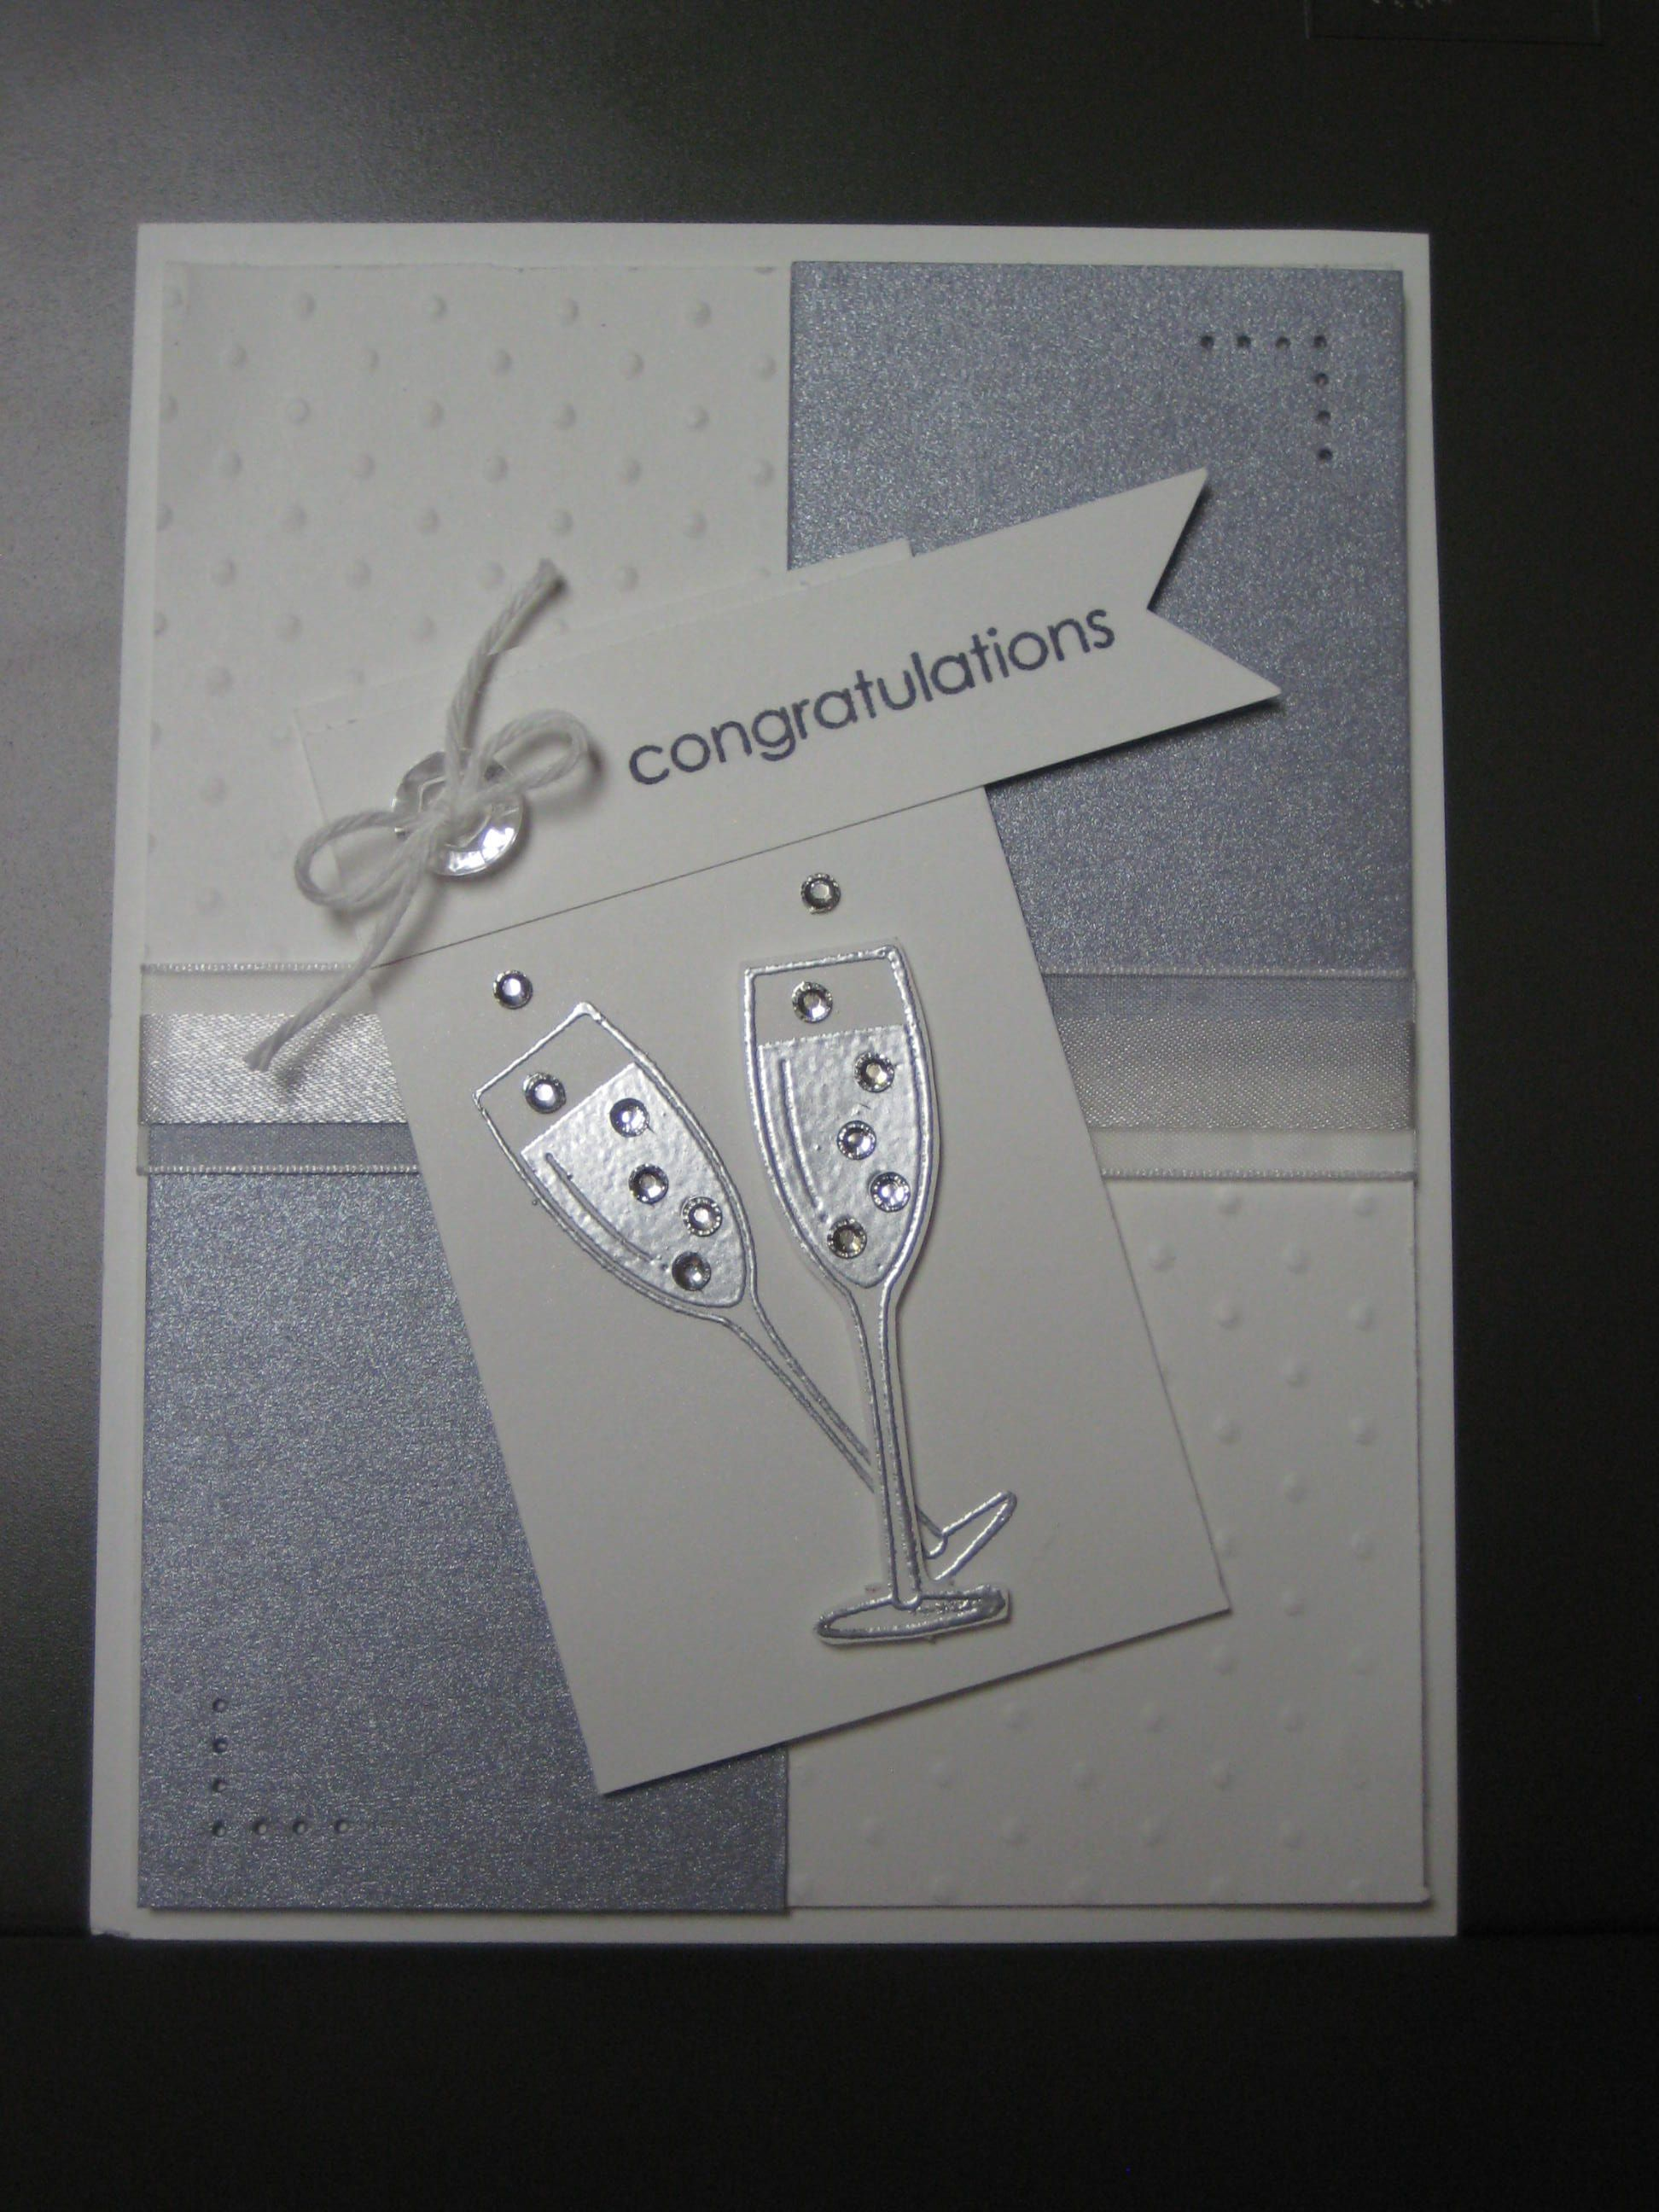 Stampinu up embellished events u great greetings pinteu